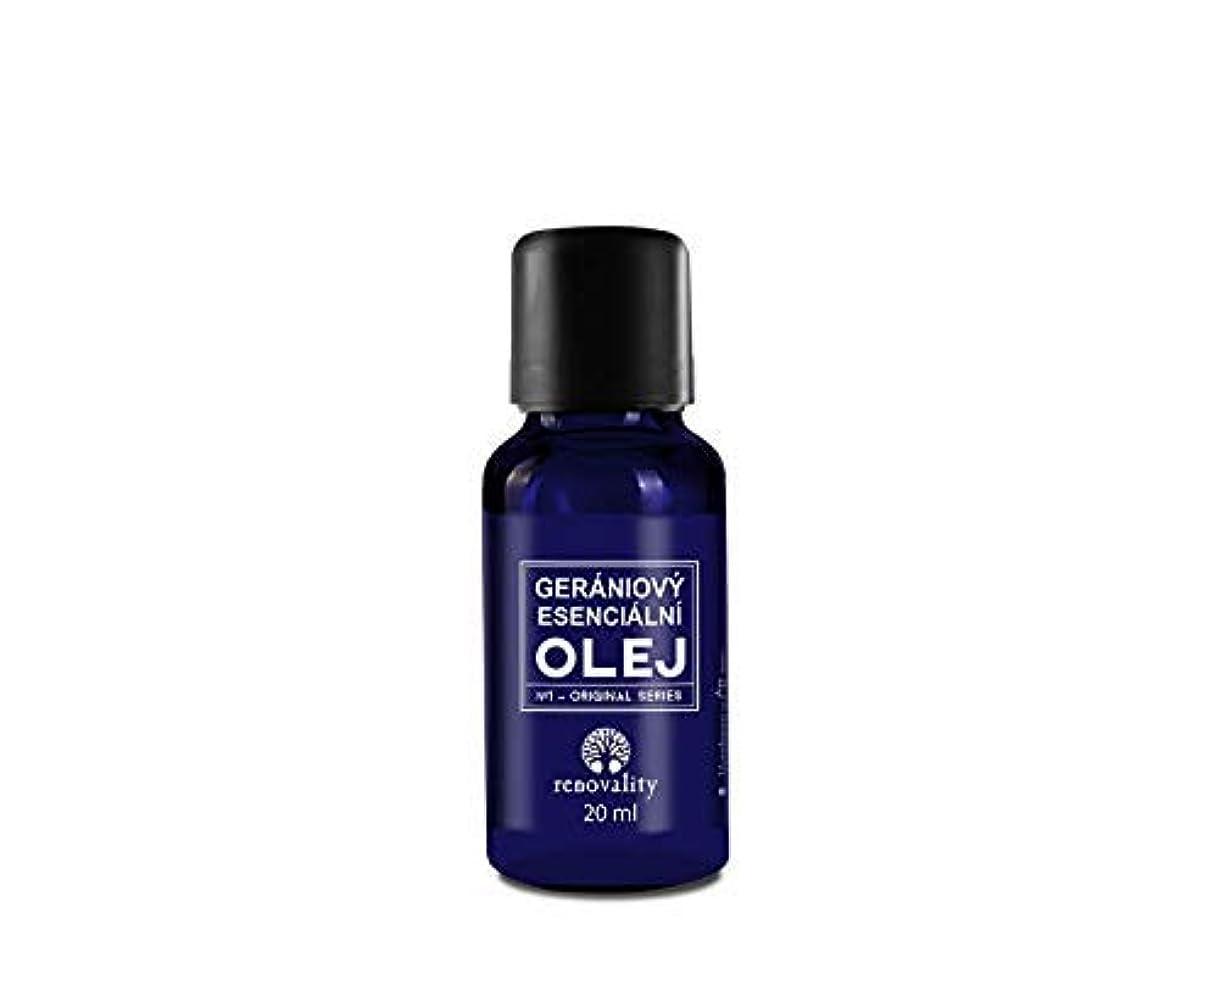 宣言する信念画面100% BIO Geranium Essential Oil 20ml Made in Czech Republic / 100%バイオゼラニウムエッセンシャルオイル20mlチェコ共和国製